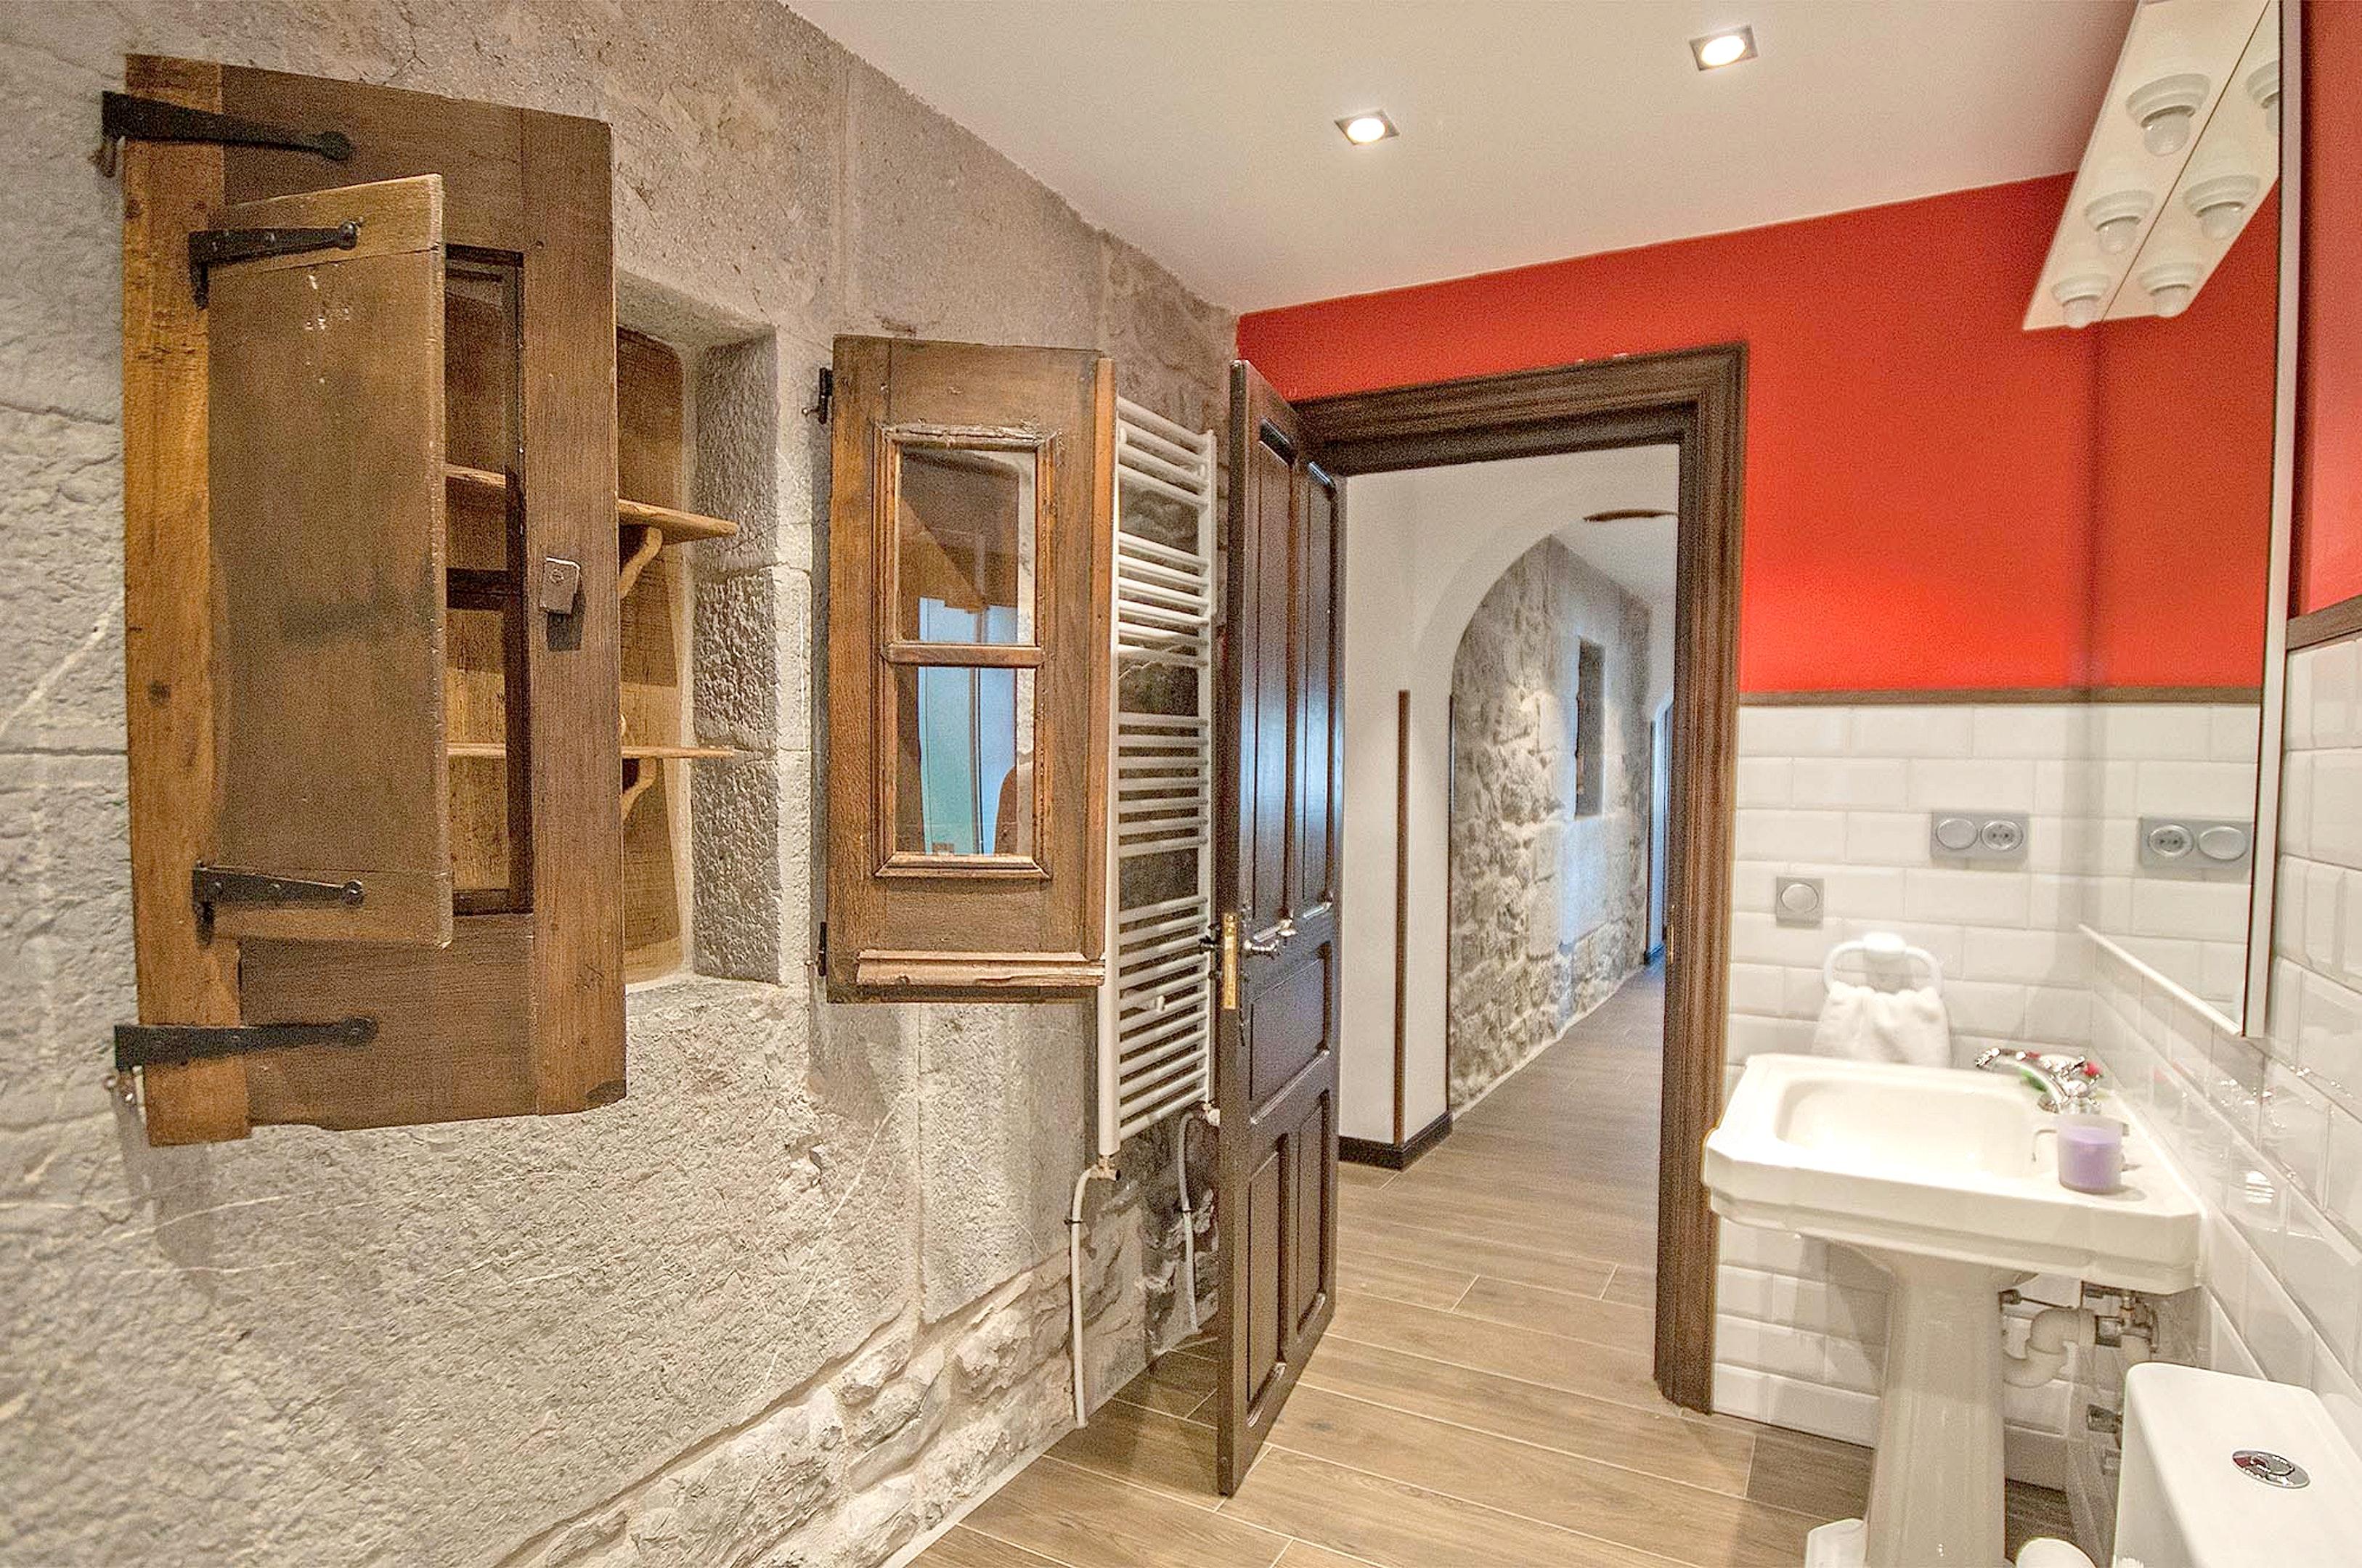 Ferienhaus Haus mit 5 Schlafzimmern in Baráibar mit toller Aussicht auf die Berge, möbliertem Garten  (2541138), Baraibar, , Navarra, Spanien, Bild 17